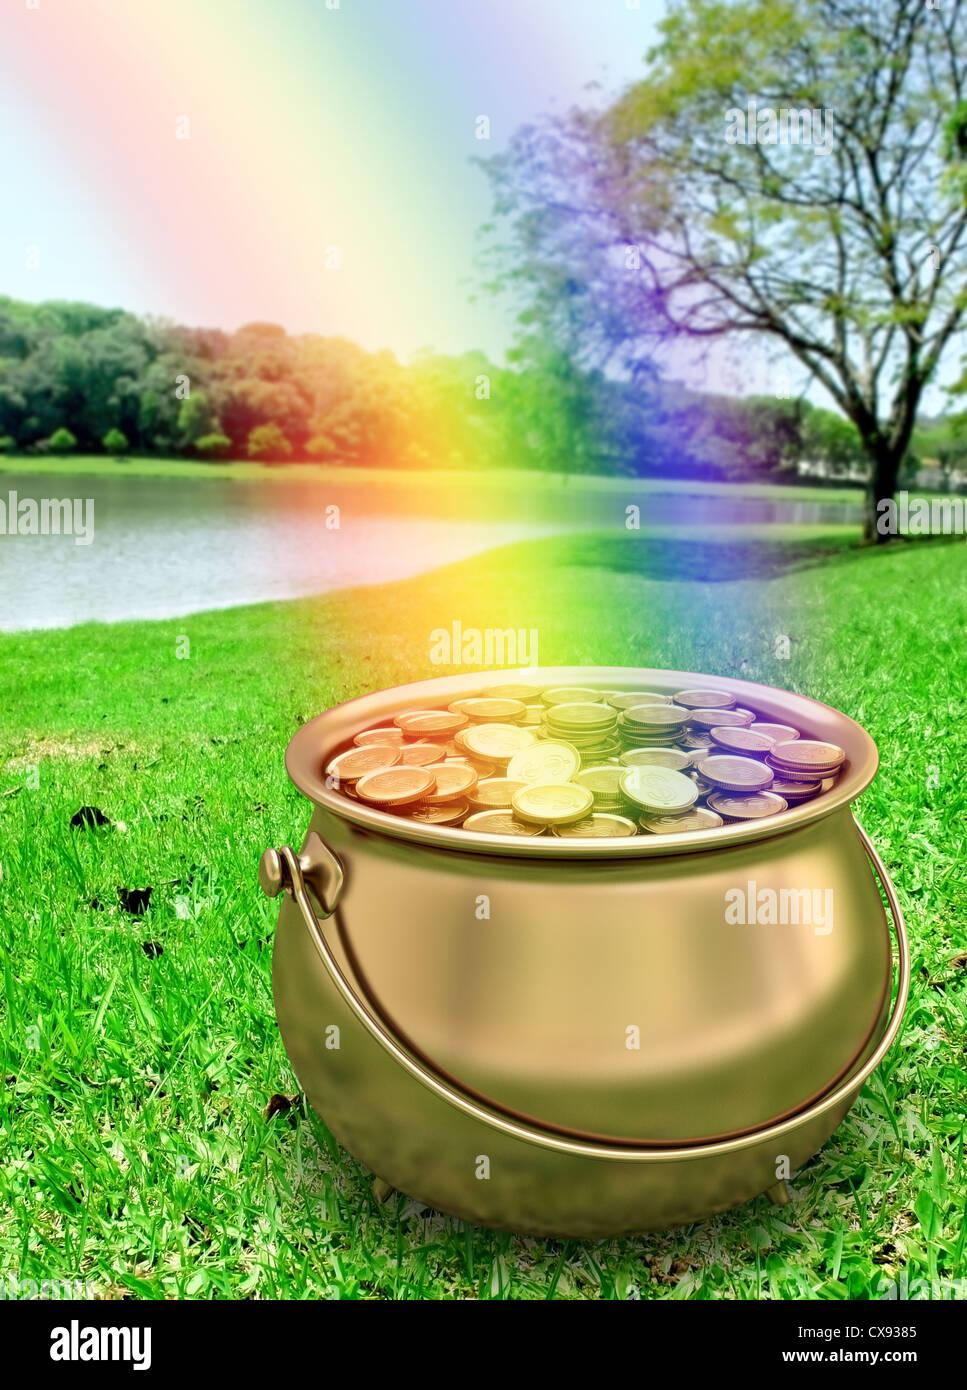 Goldtopf Am Ende Des Regenbogens